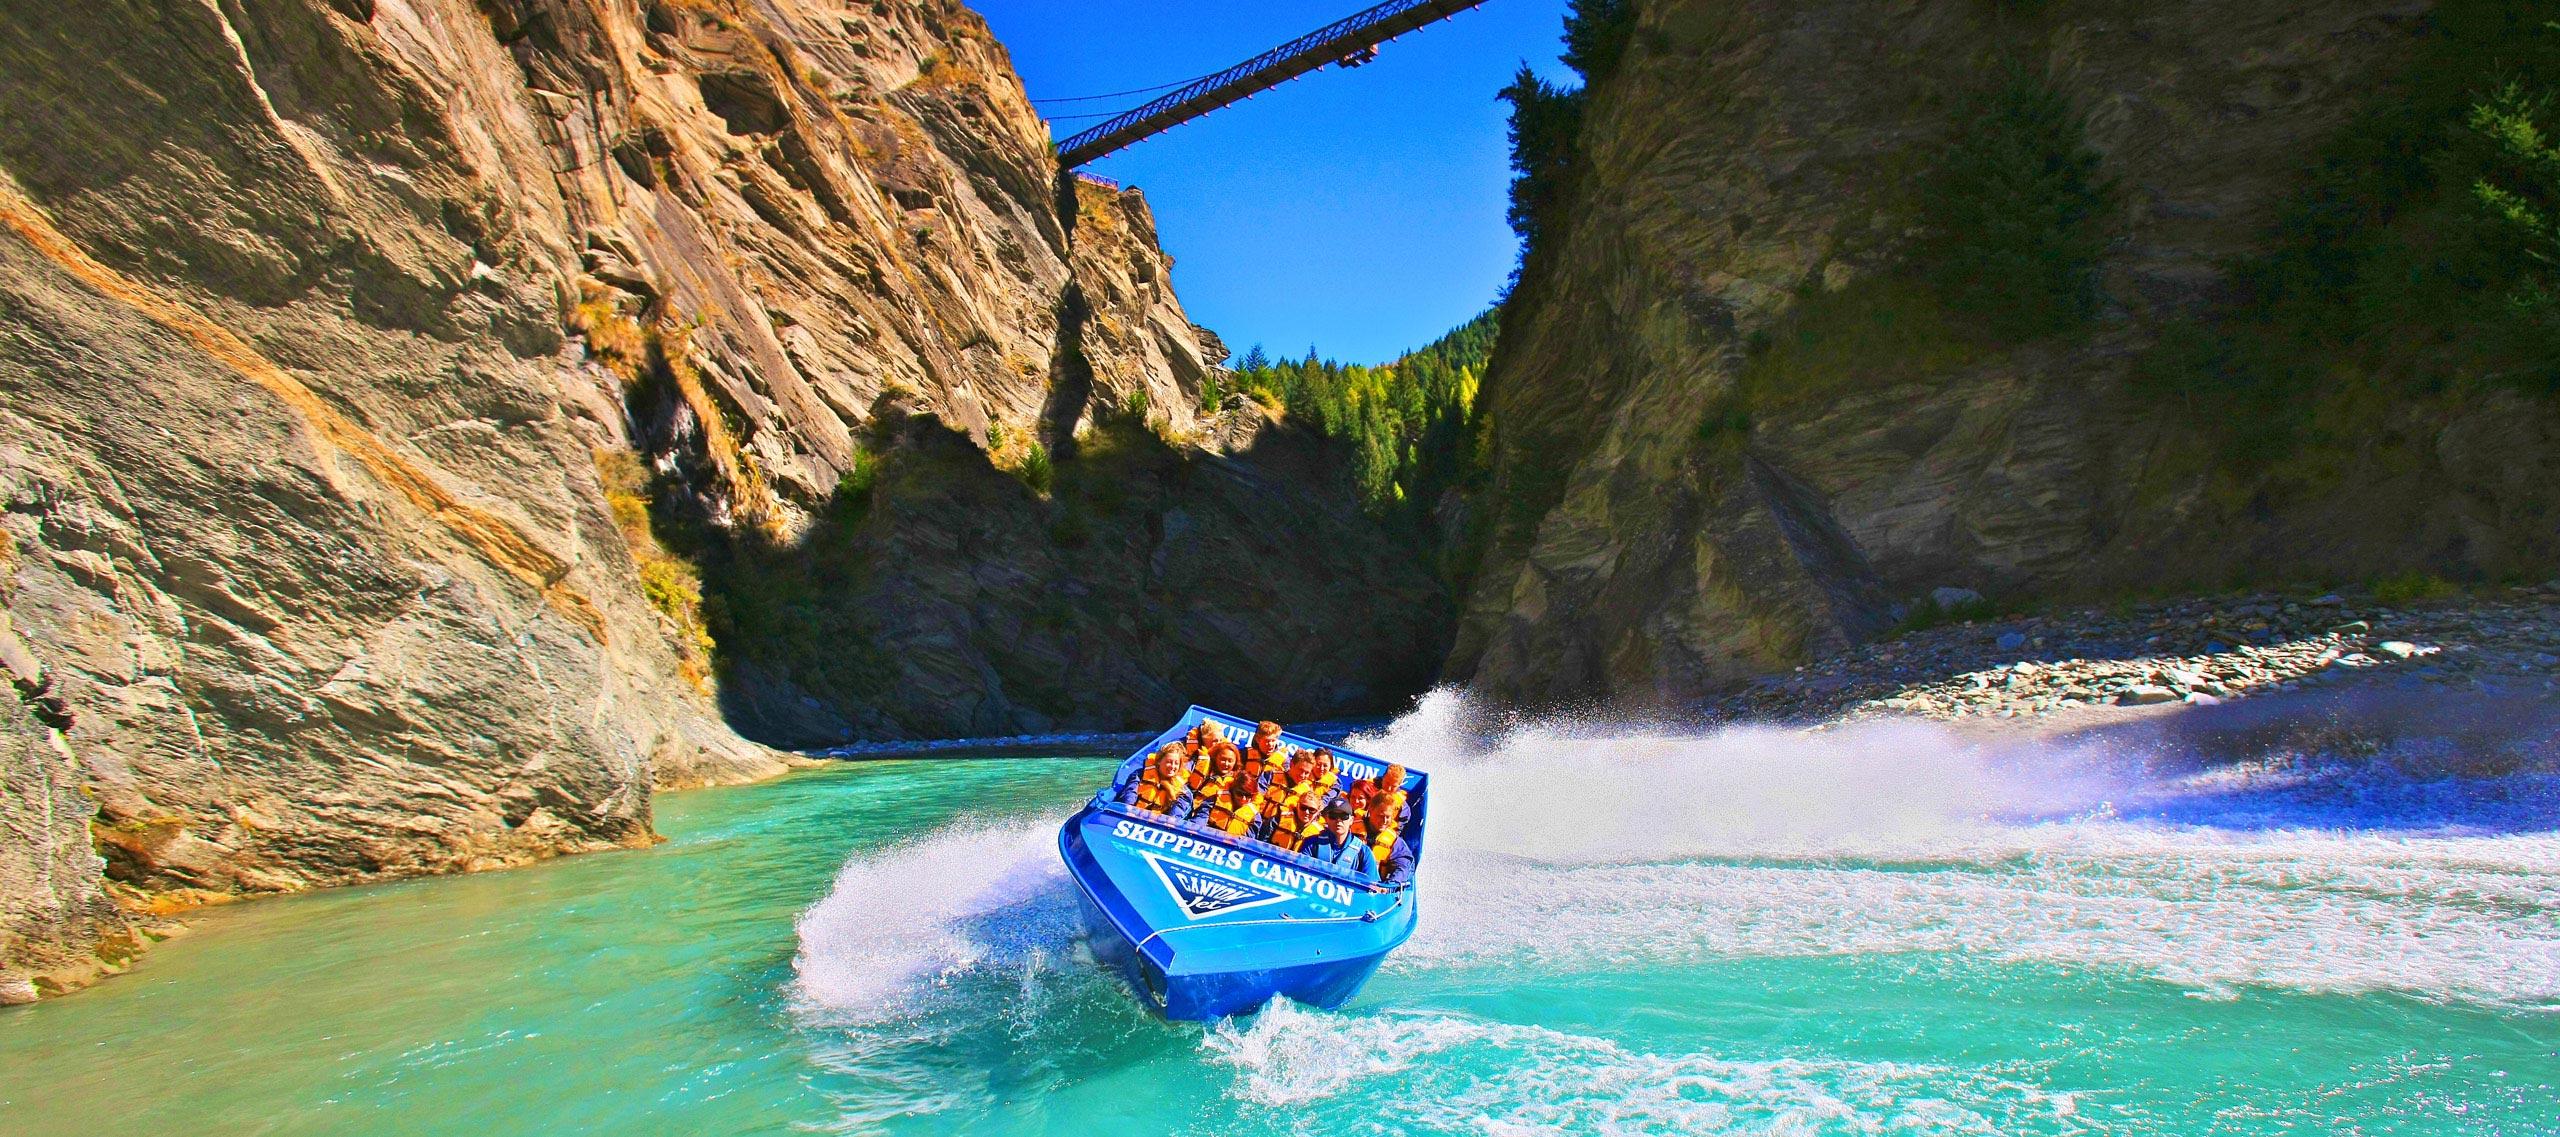 Grandcanyon Boat Tours